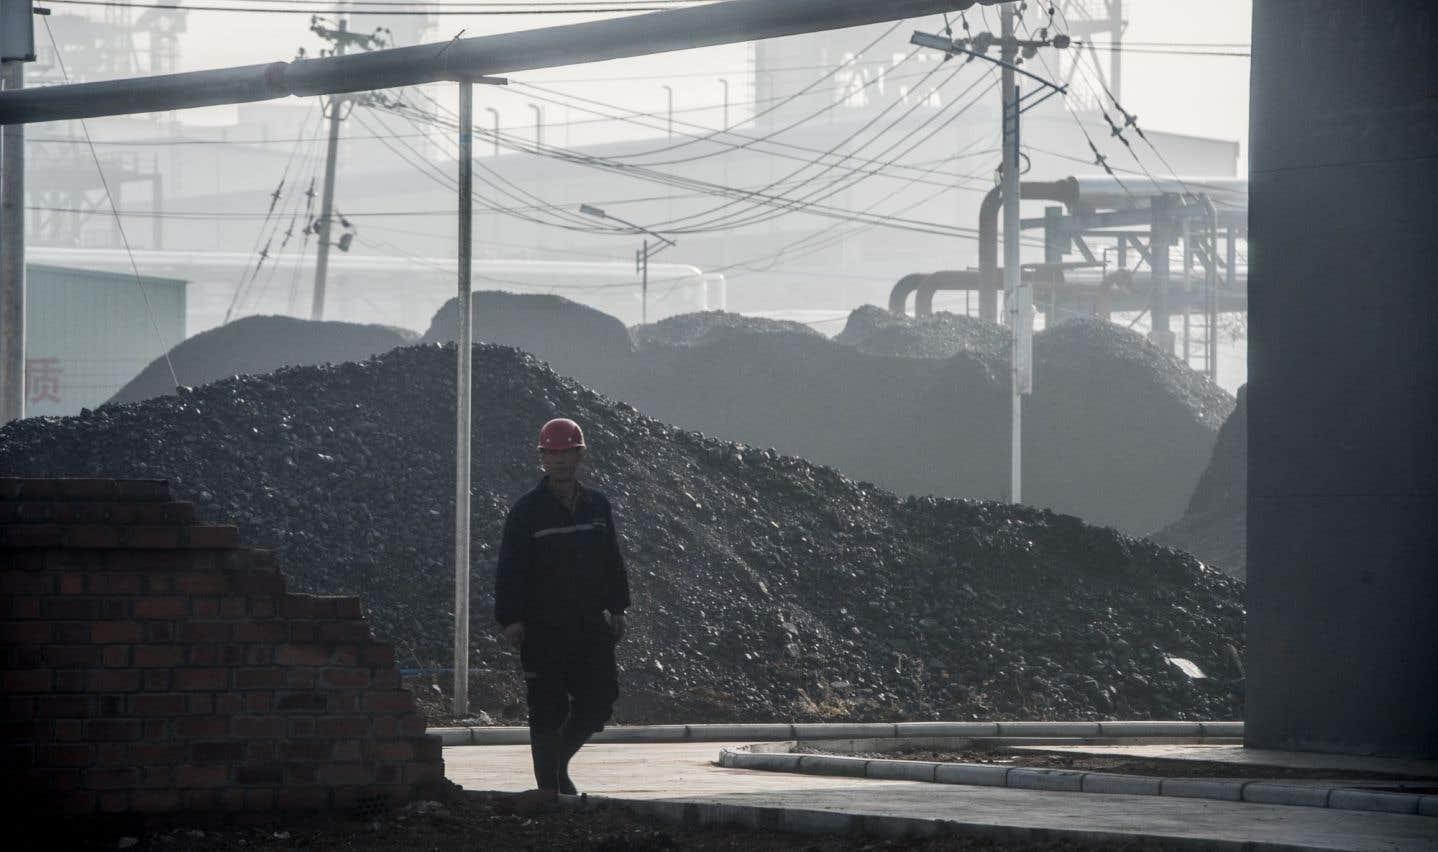 La consommation mondiale de charbon va fortement ralentir jusqu'en 2021